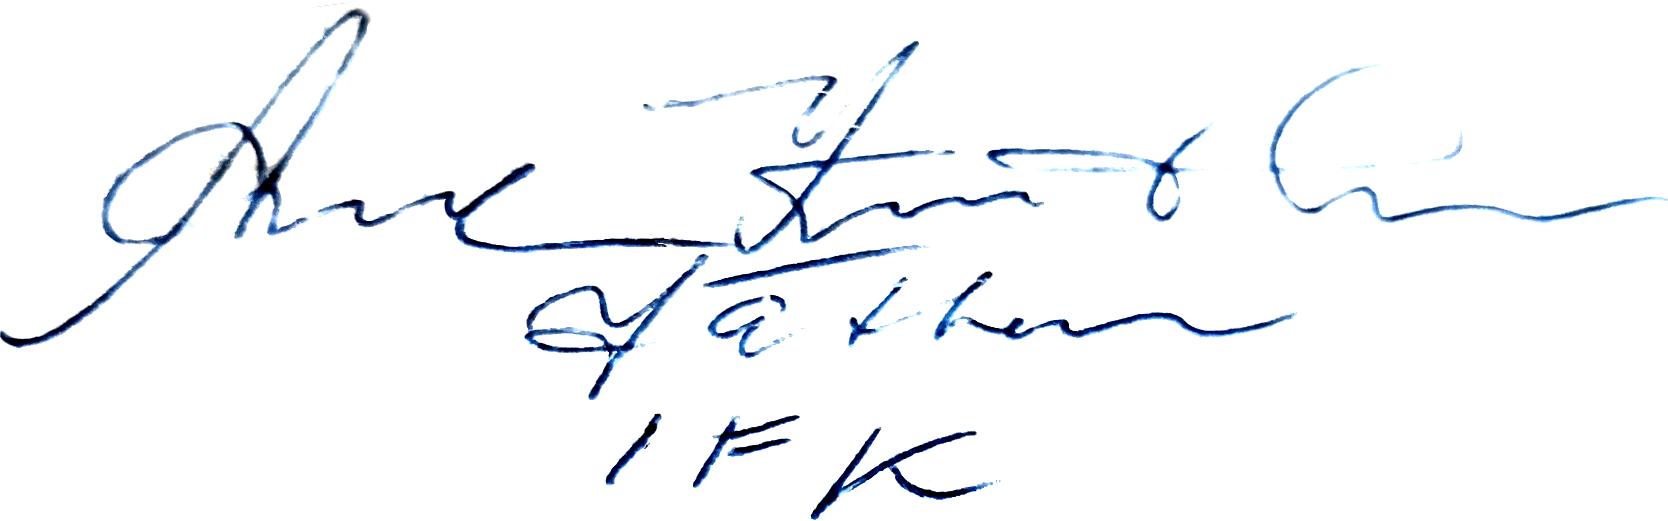 Arne Knutsson, signatur